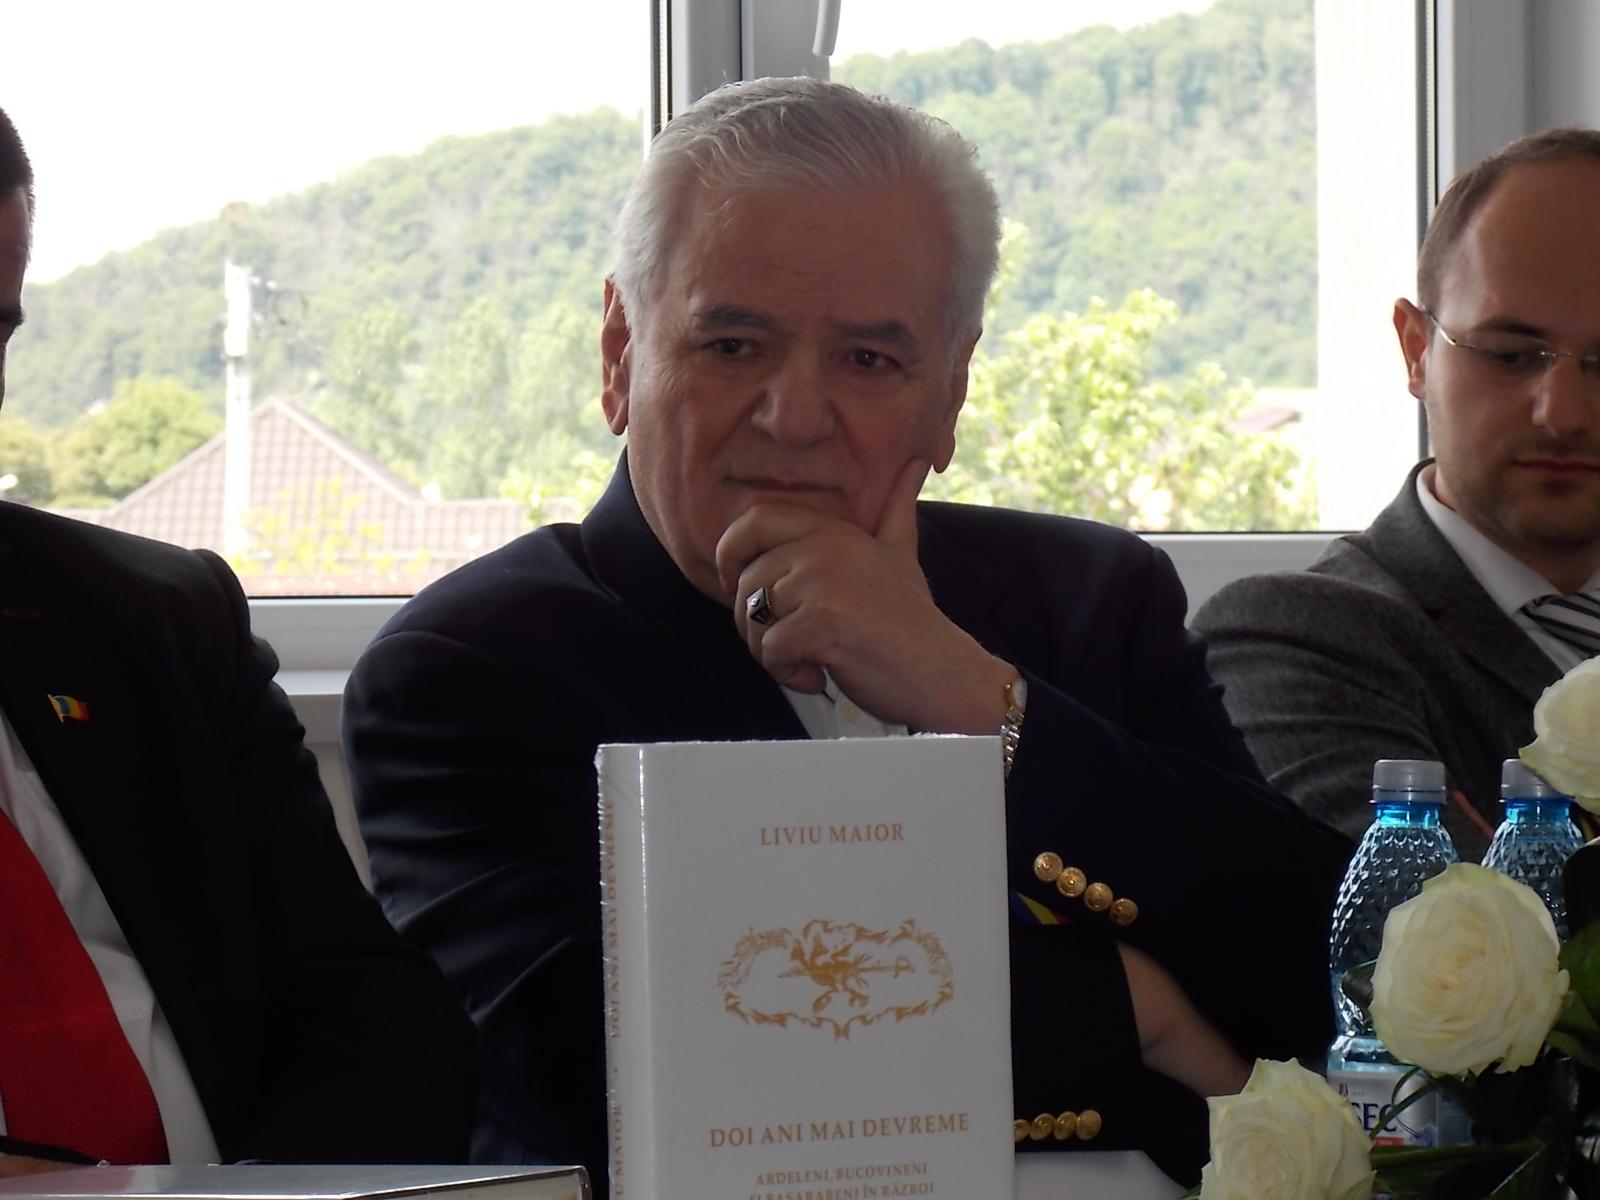 """Liviu Maior, la lansarea celui mai recent volum, la Beclean: """"Sunt mândru că sunt get-beget beclenar"""" – FOTO"""